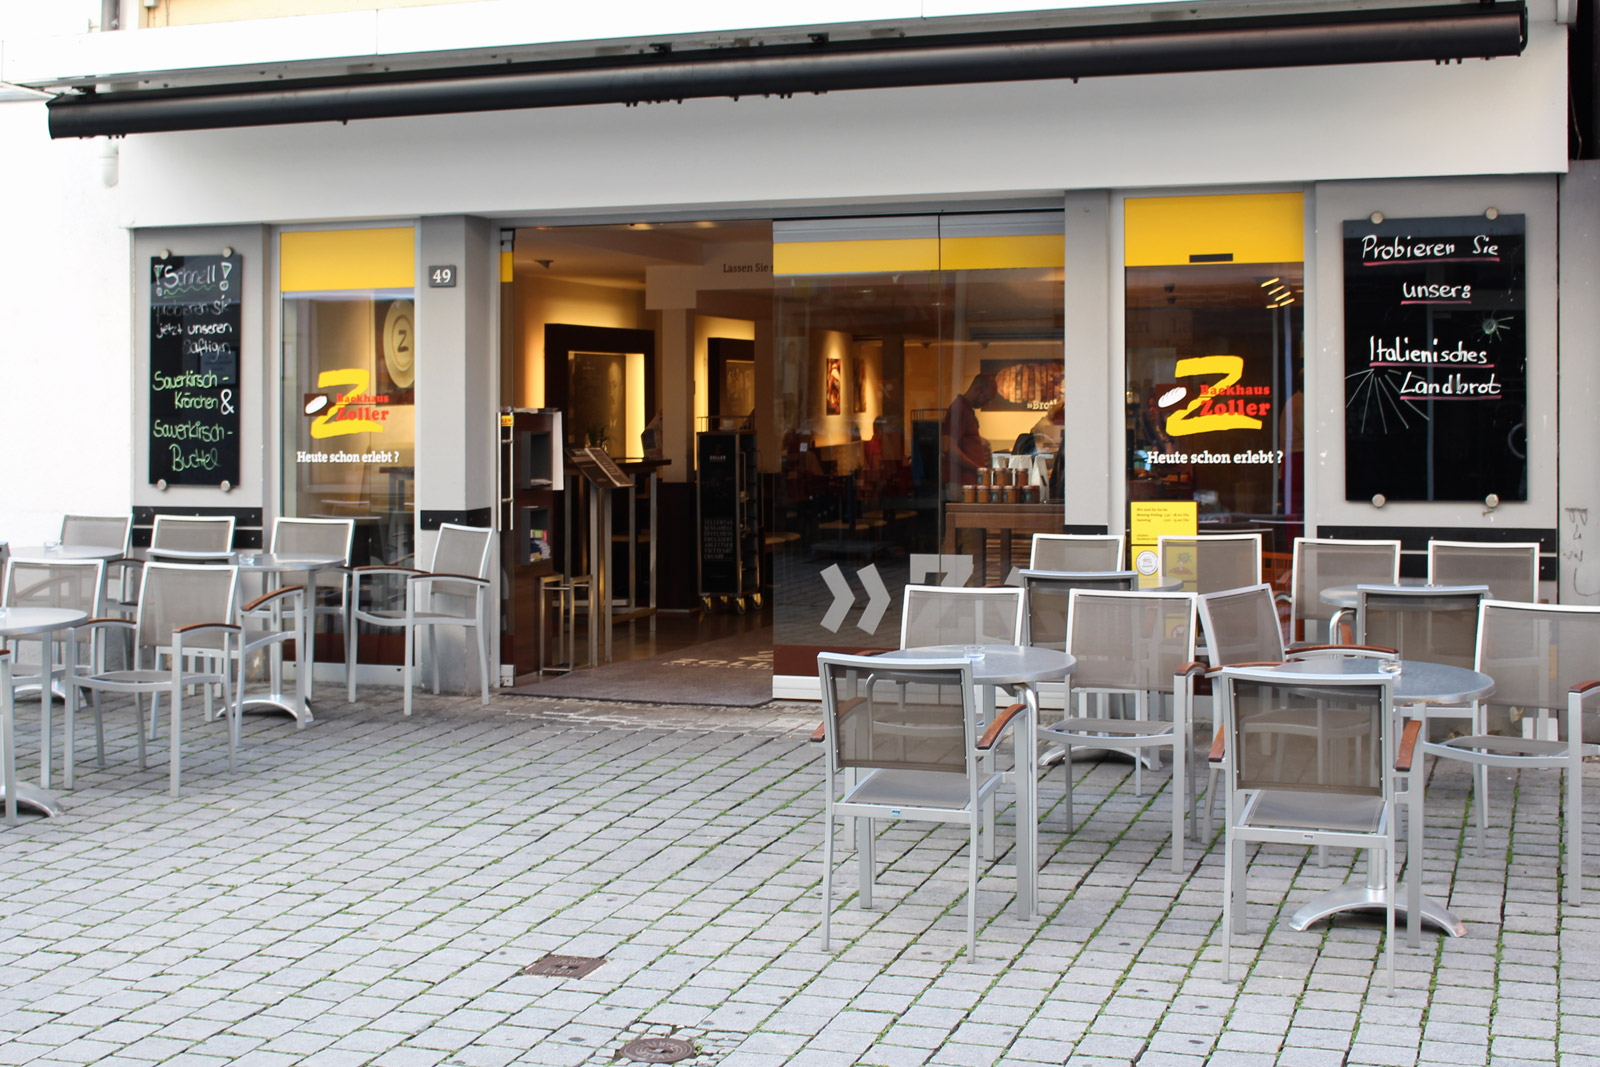 backhaus-zoller-fageschaeft_Pliensau-aussen-2